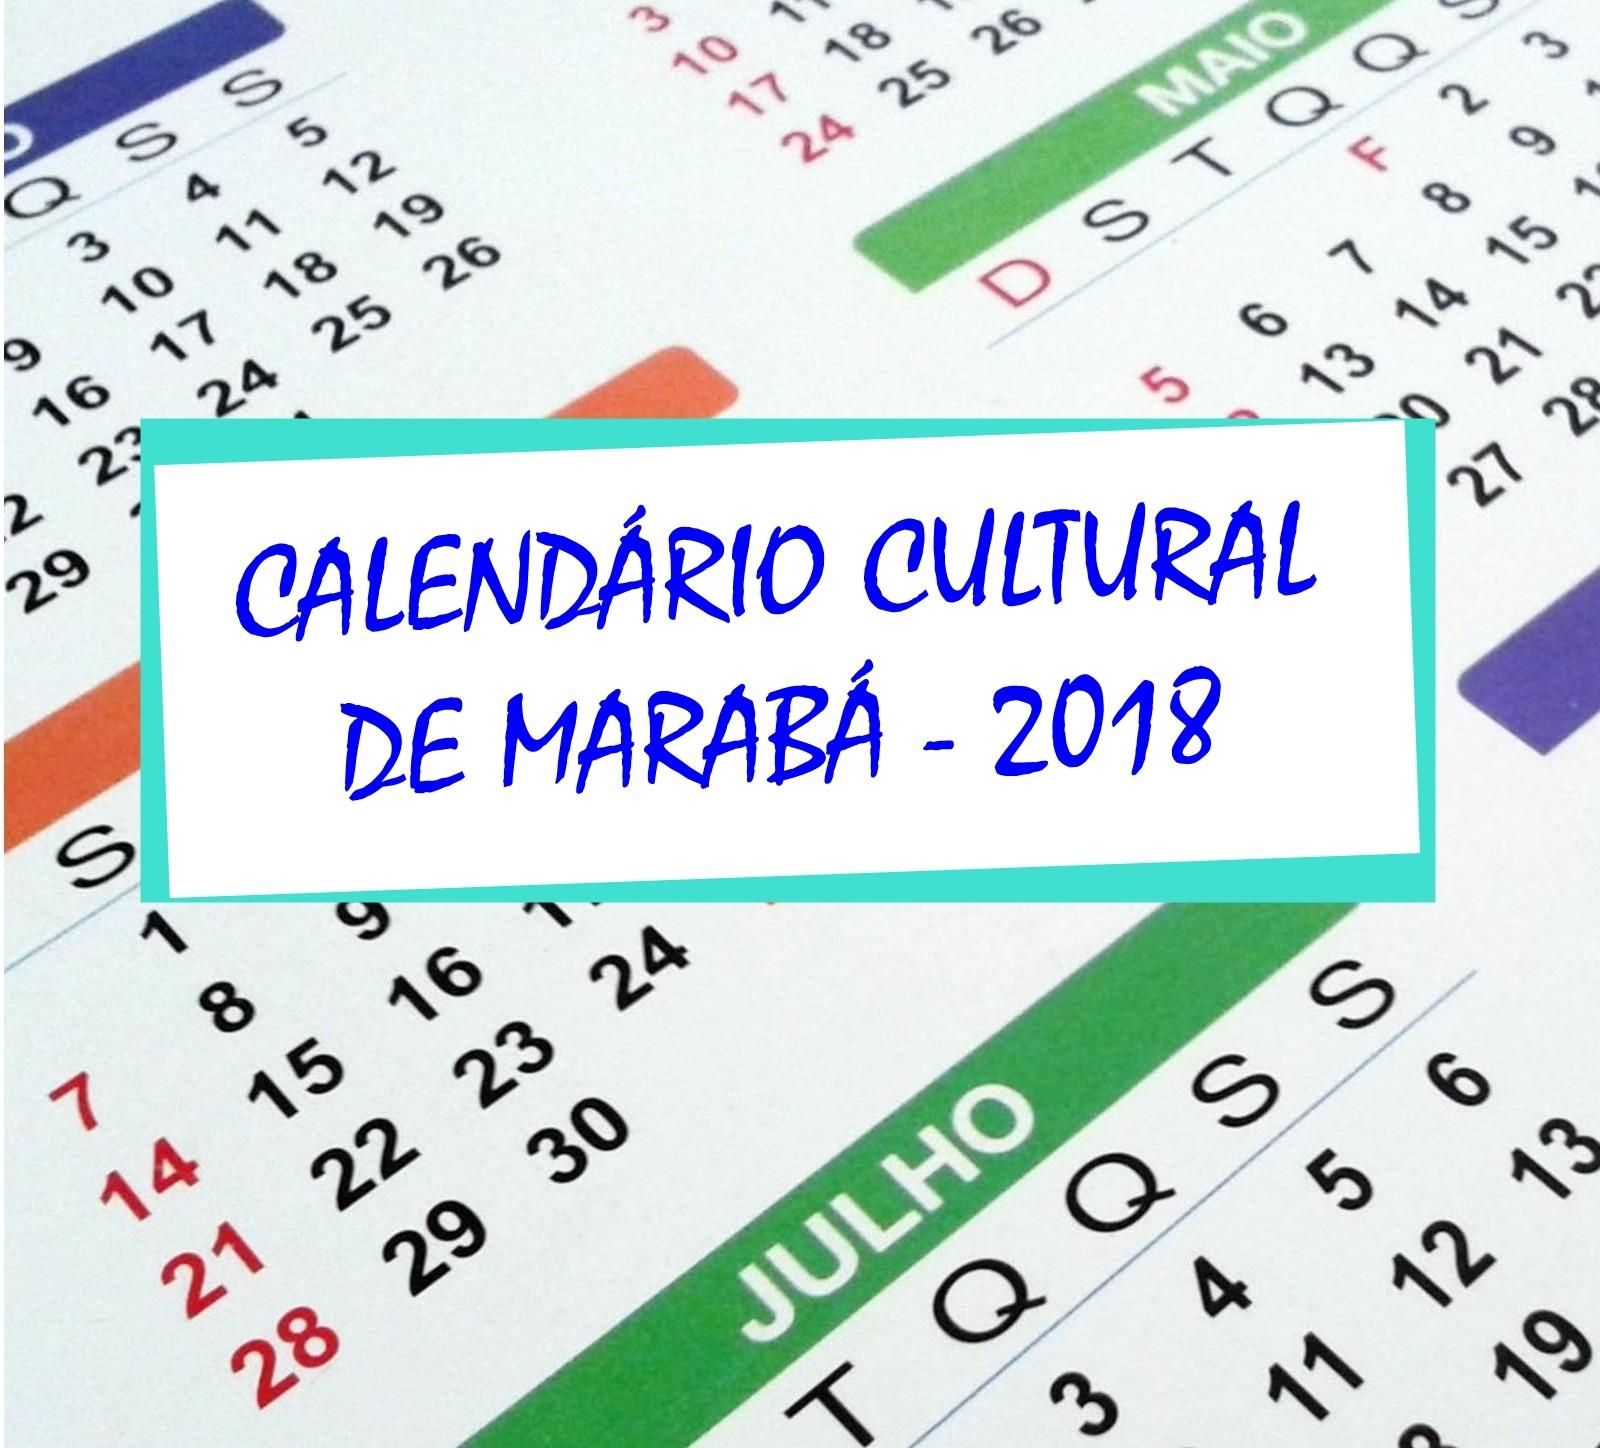 MarabáTurismo CALENDRIO CULTURAL DE MARAB 2018